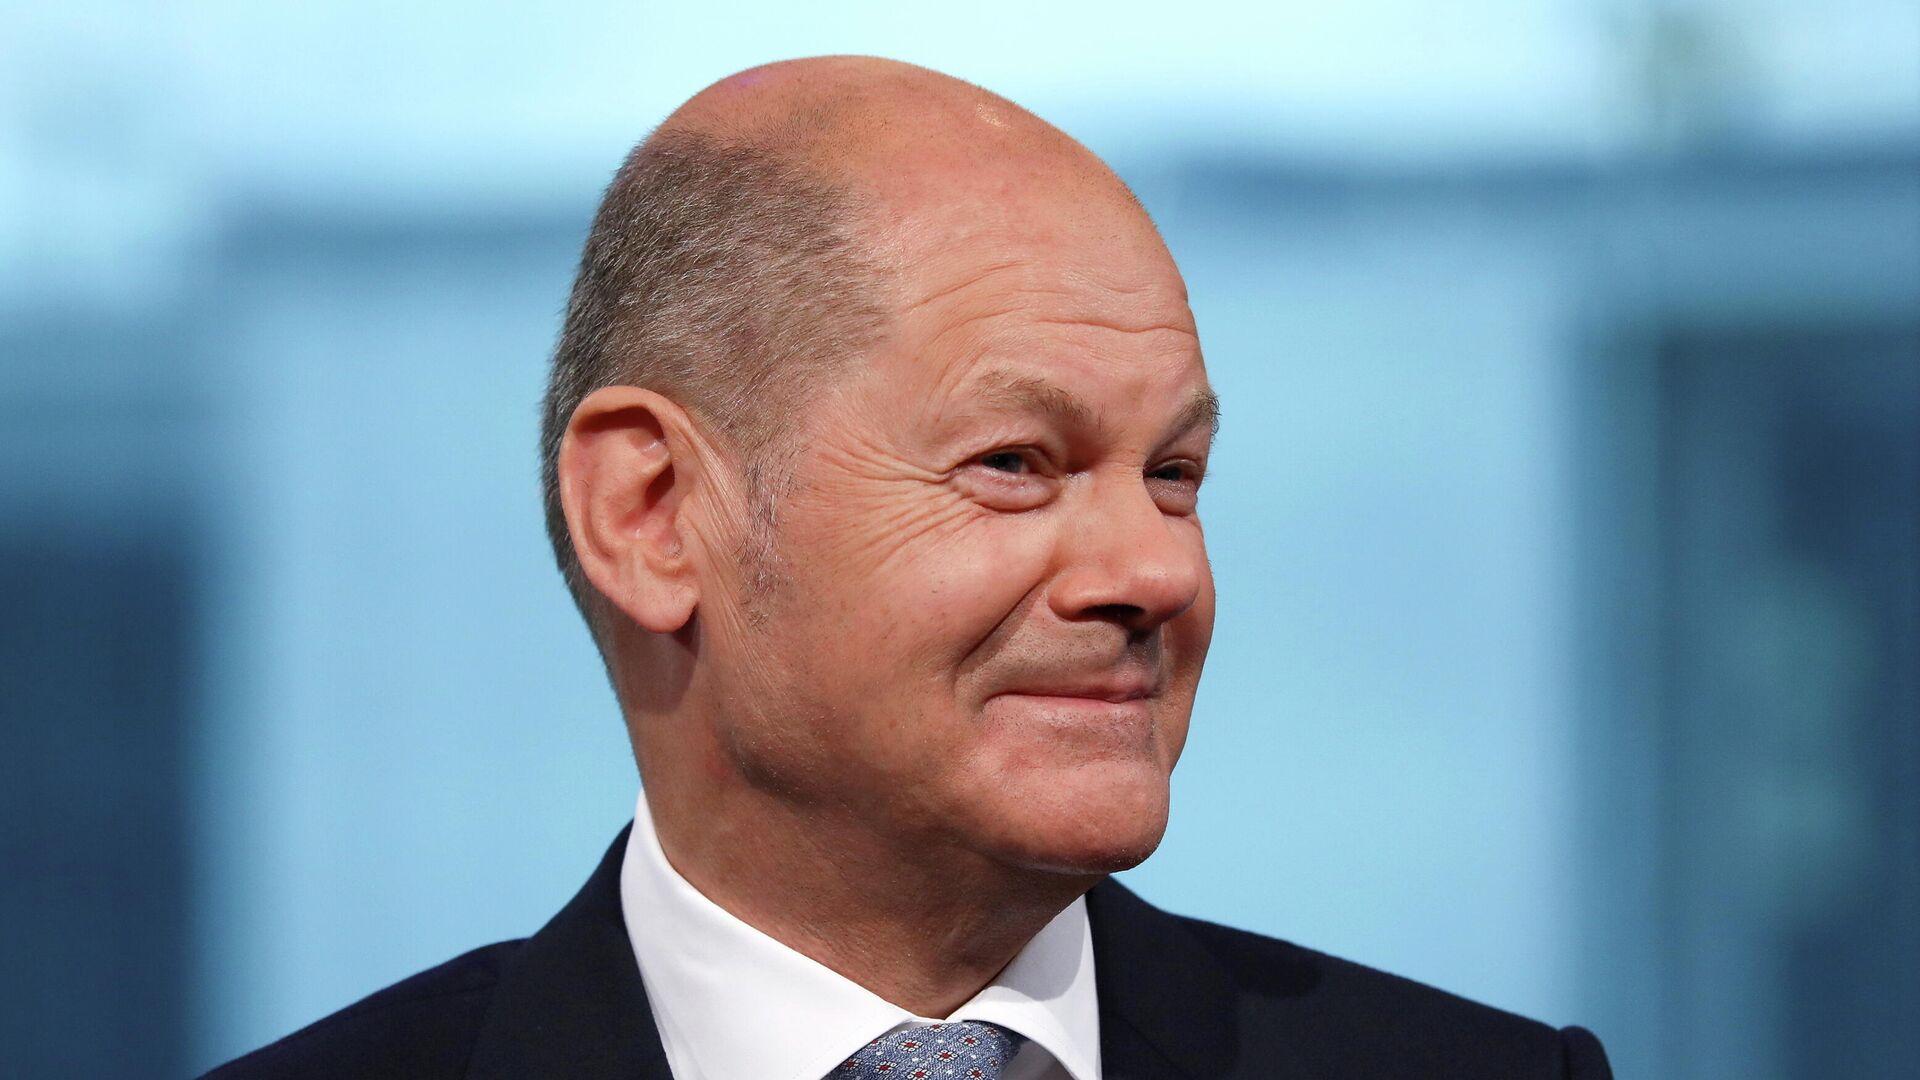 Bundesfinanzminister Olaf Scholz von der Sozialdemokratischen Partei (SPD) nimmt am 26. Juni 2021 in Berlin an einer Fernsehdebatte teil. - SNA, 1920, 14.07.2021